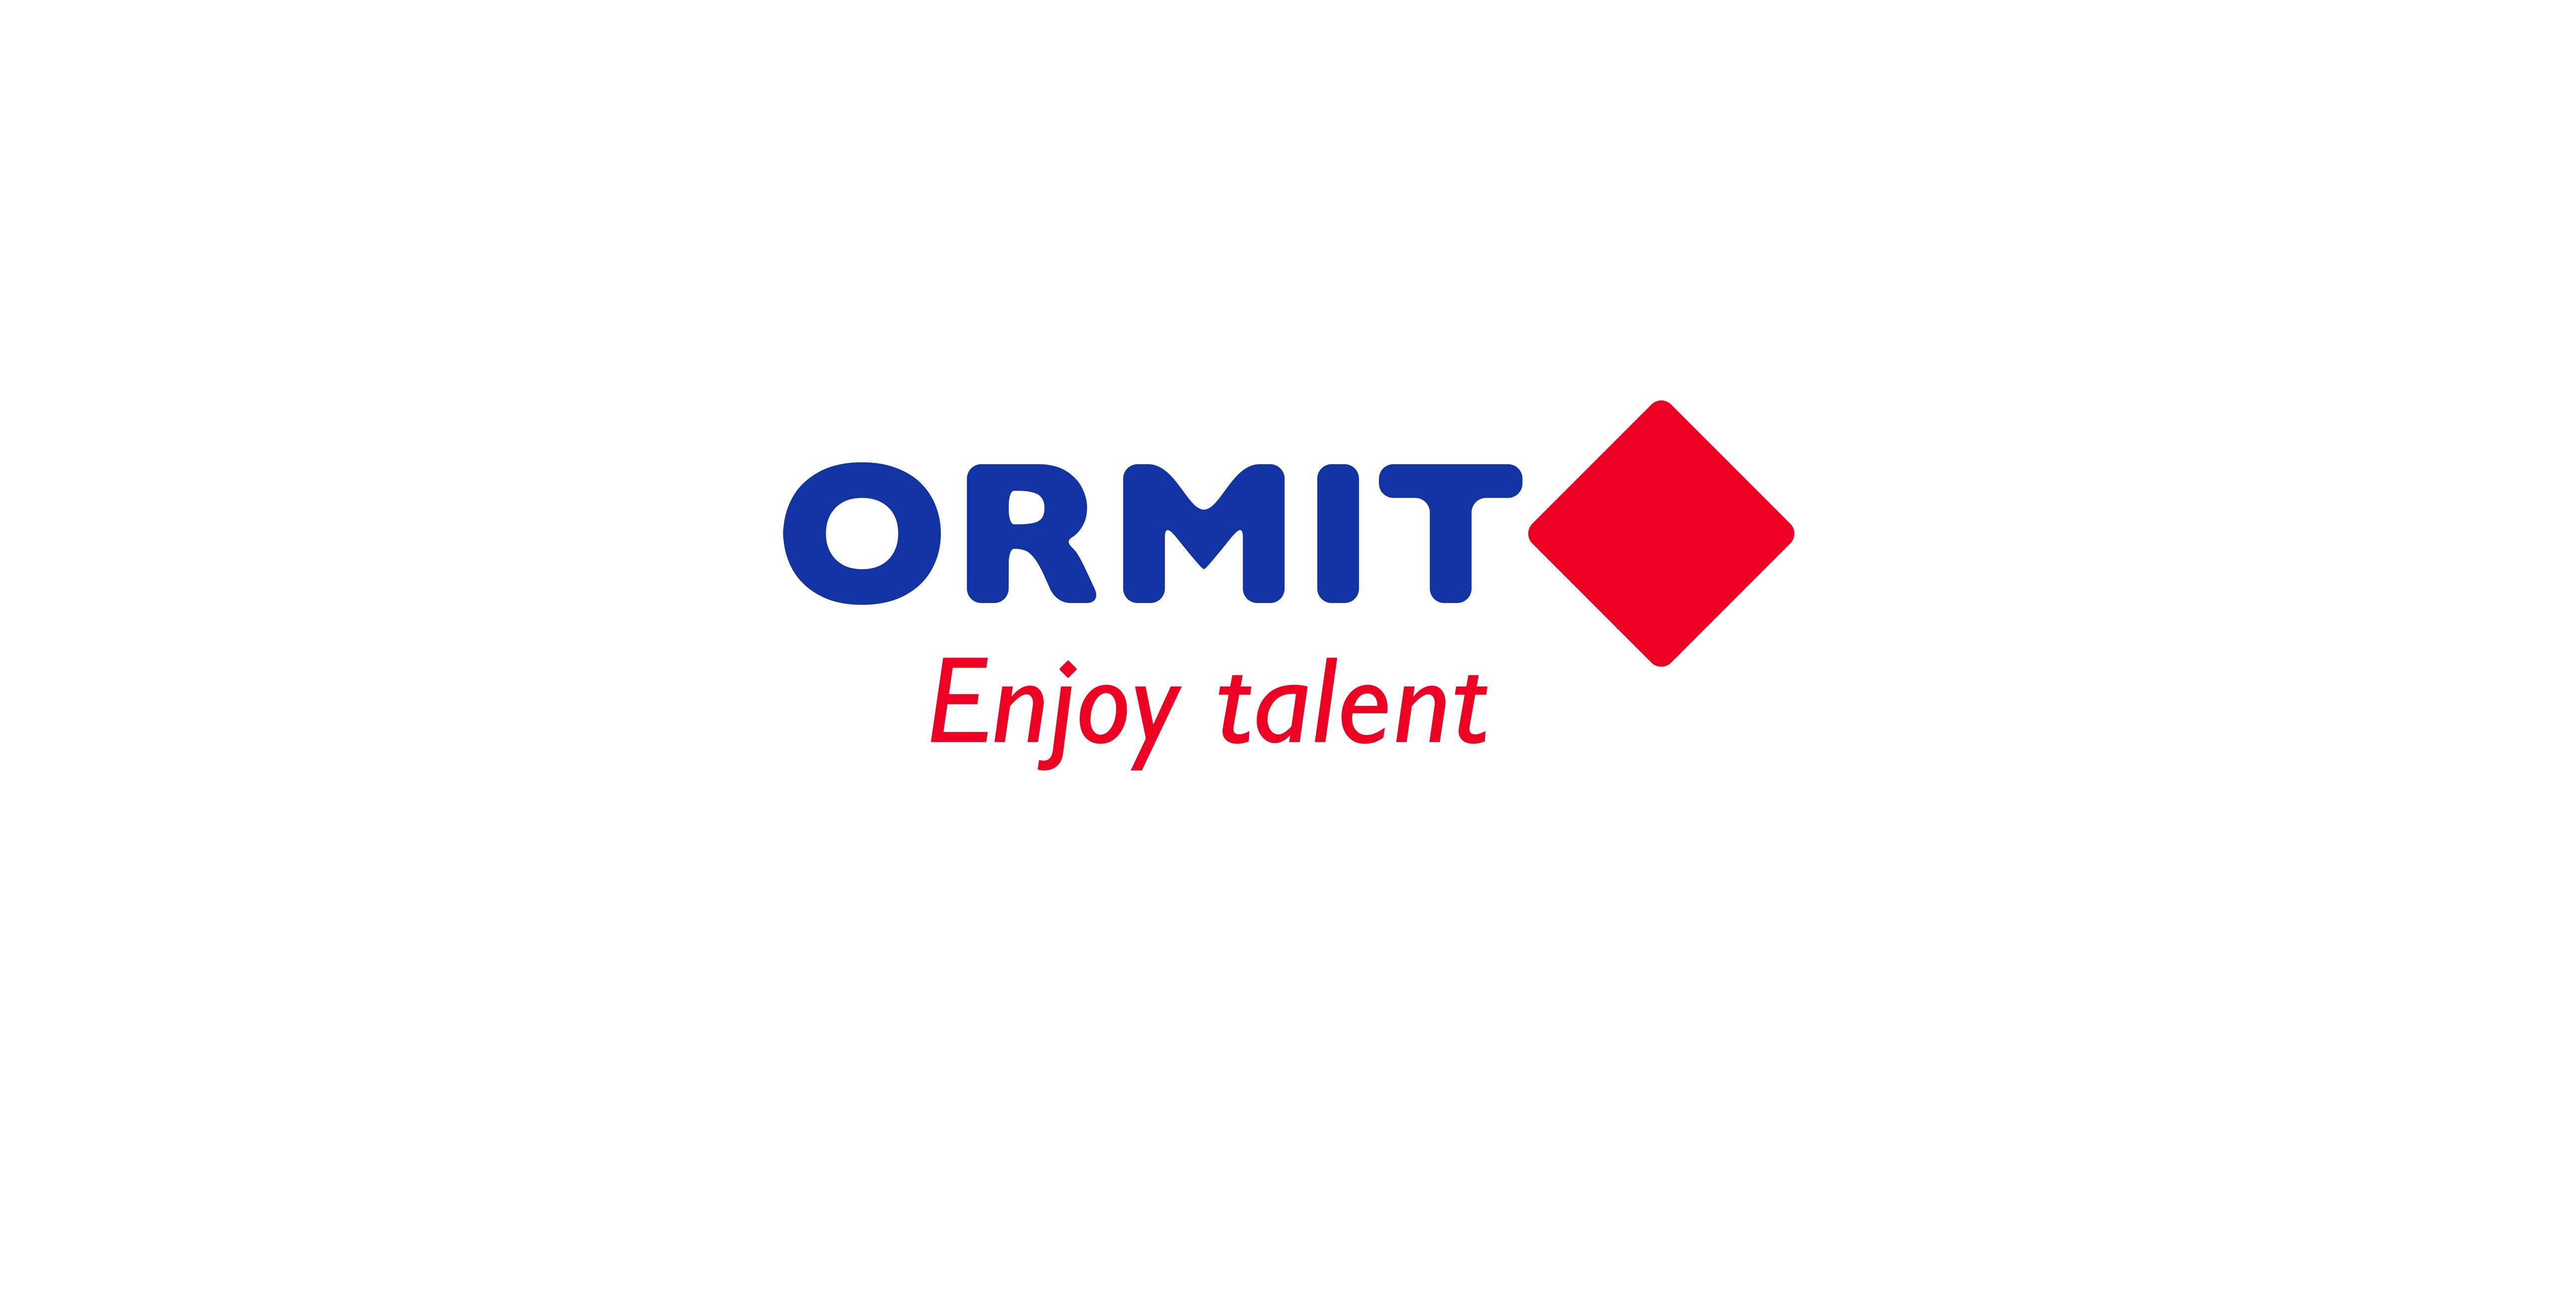 ORMIT Nederland